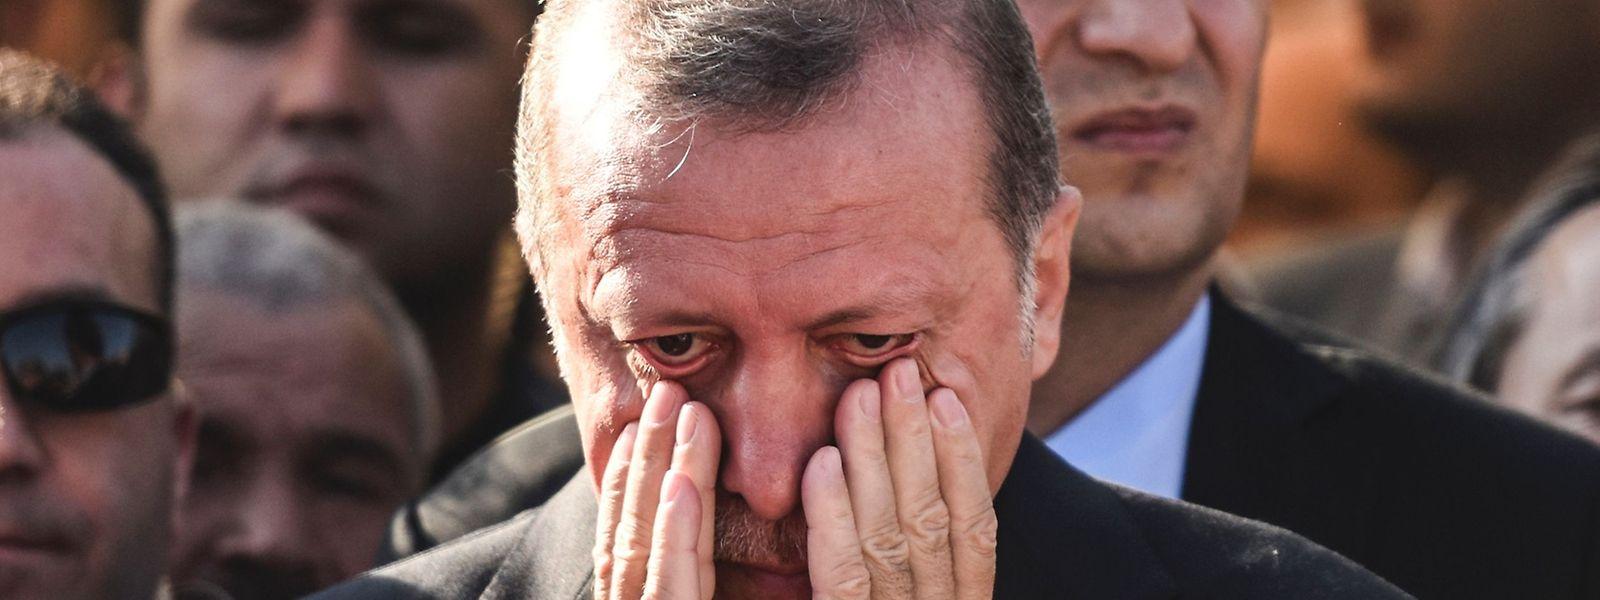 Der türkische Staatspräsident Recep Tayyip Erdogan während einer Beerdigung eines der Opfer des gescheiterten Staatsstreichs.